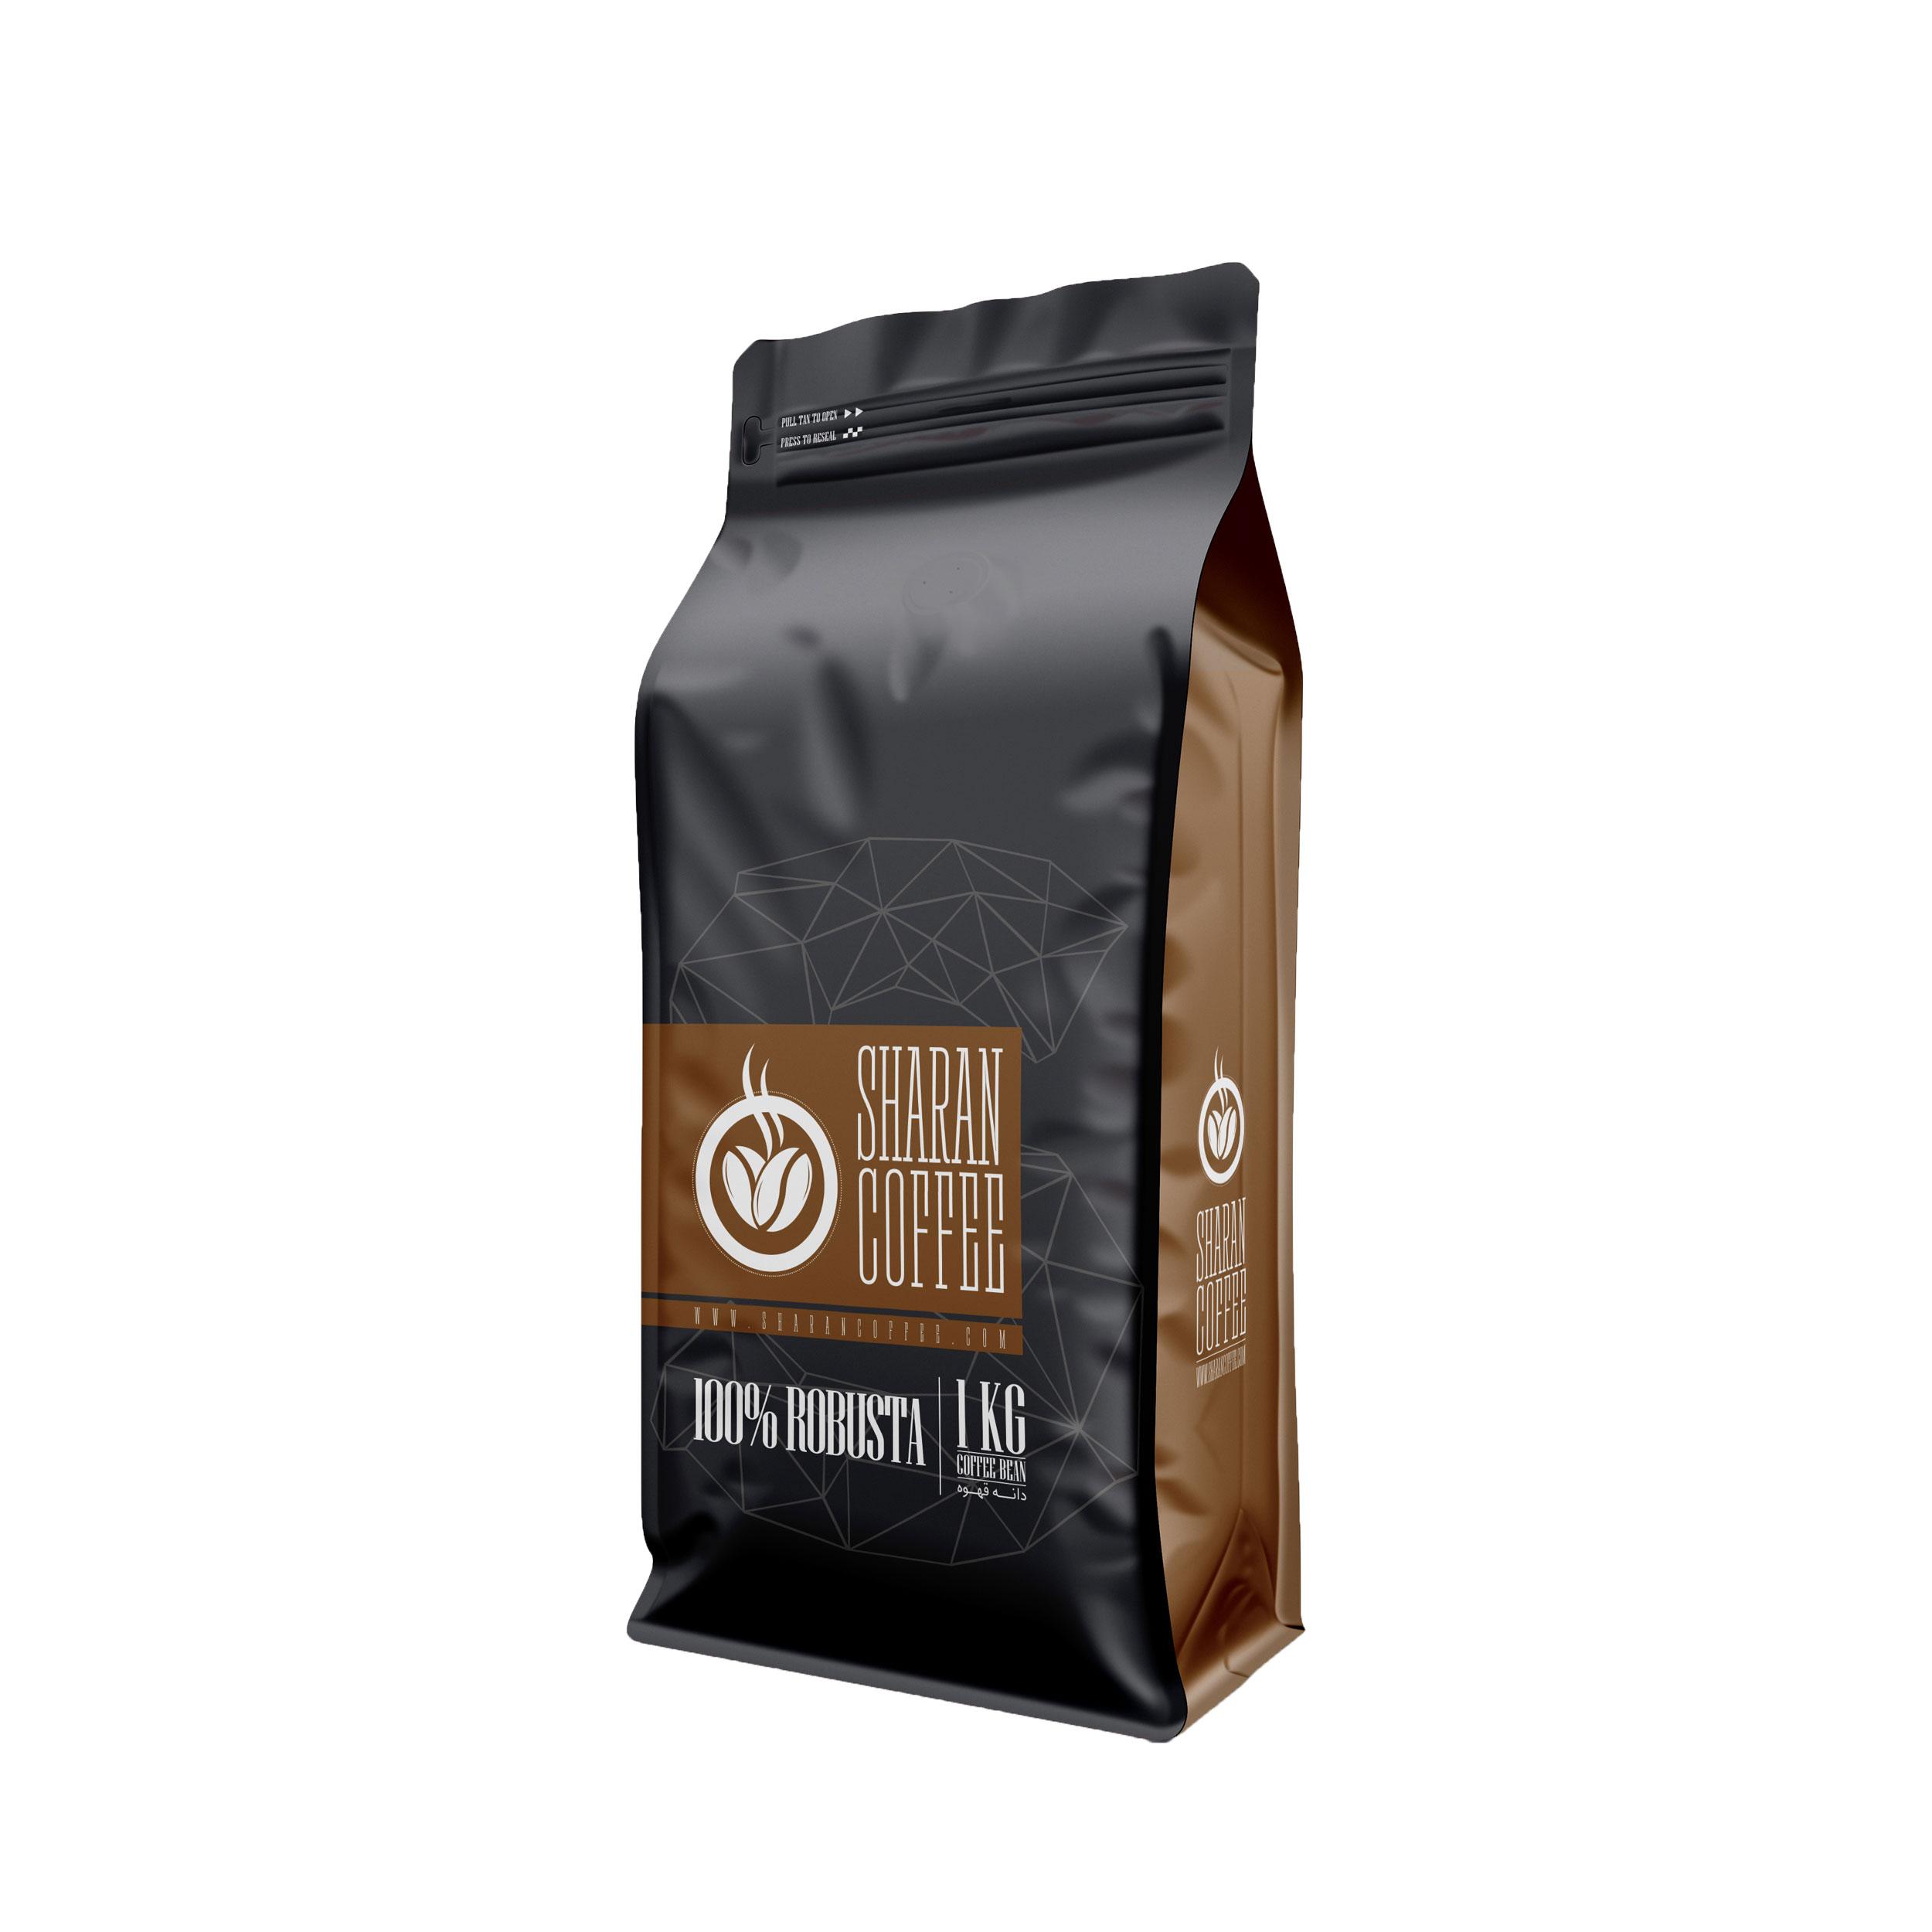 دانه قهوه اوگاندا روبستا شاران - 1 کیلوگرم